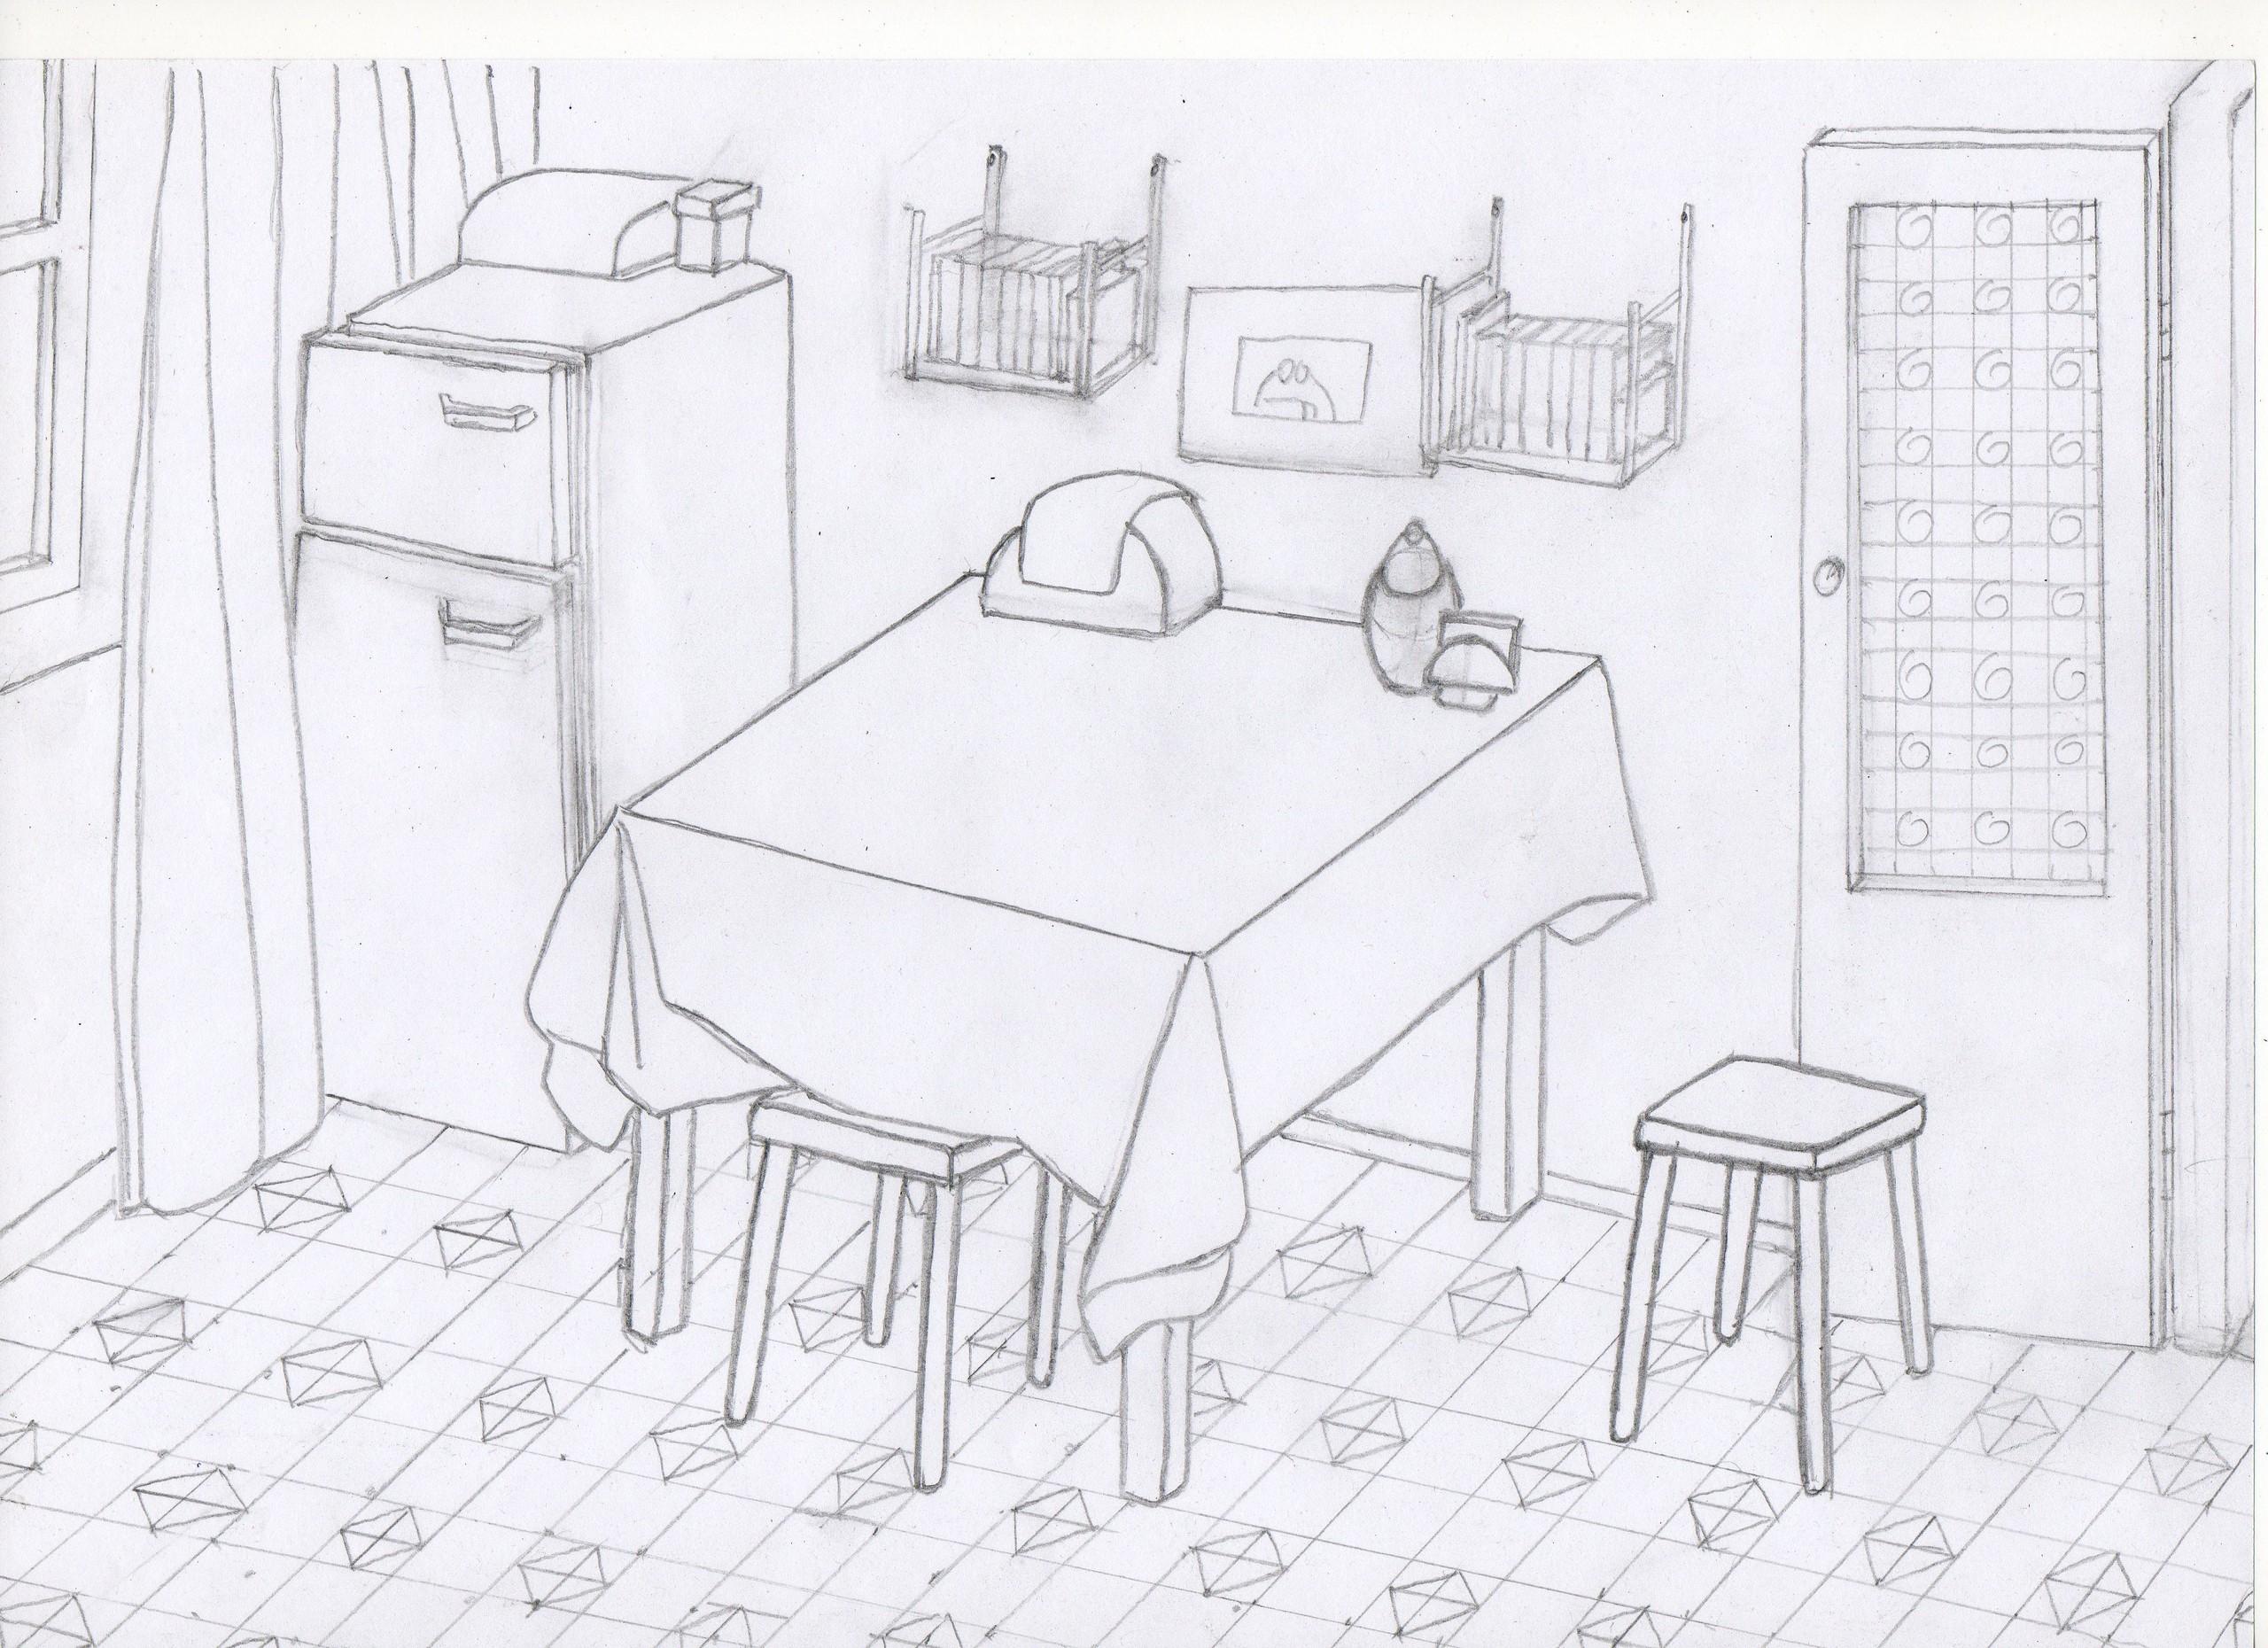 интерьер комнаты рисунки карандашом картинки и фотографии дизайна